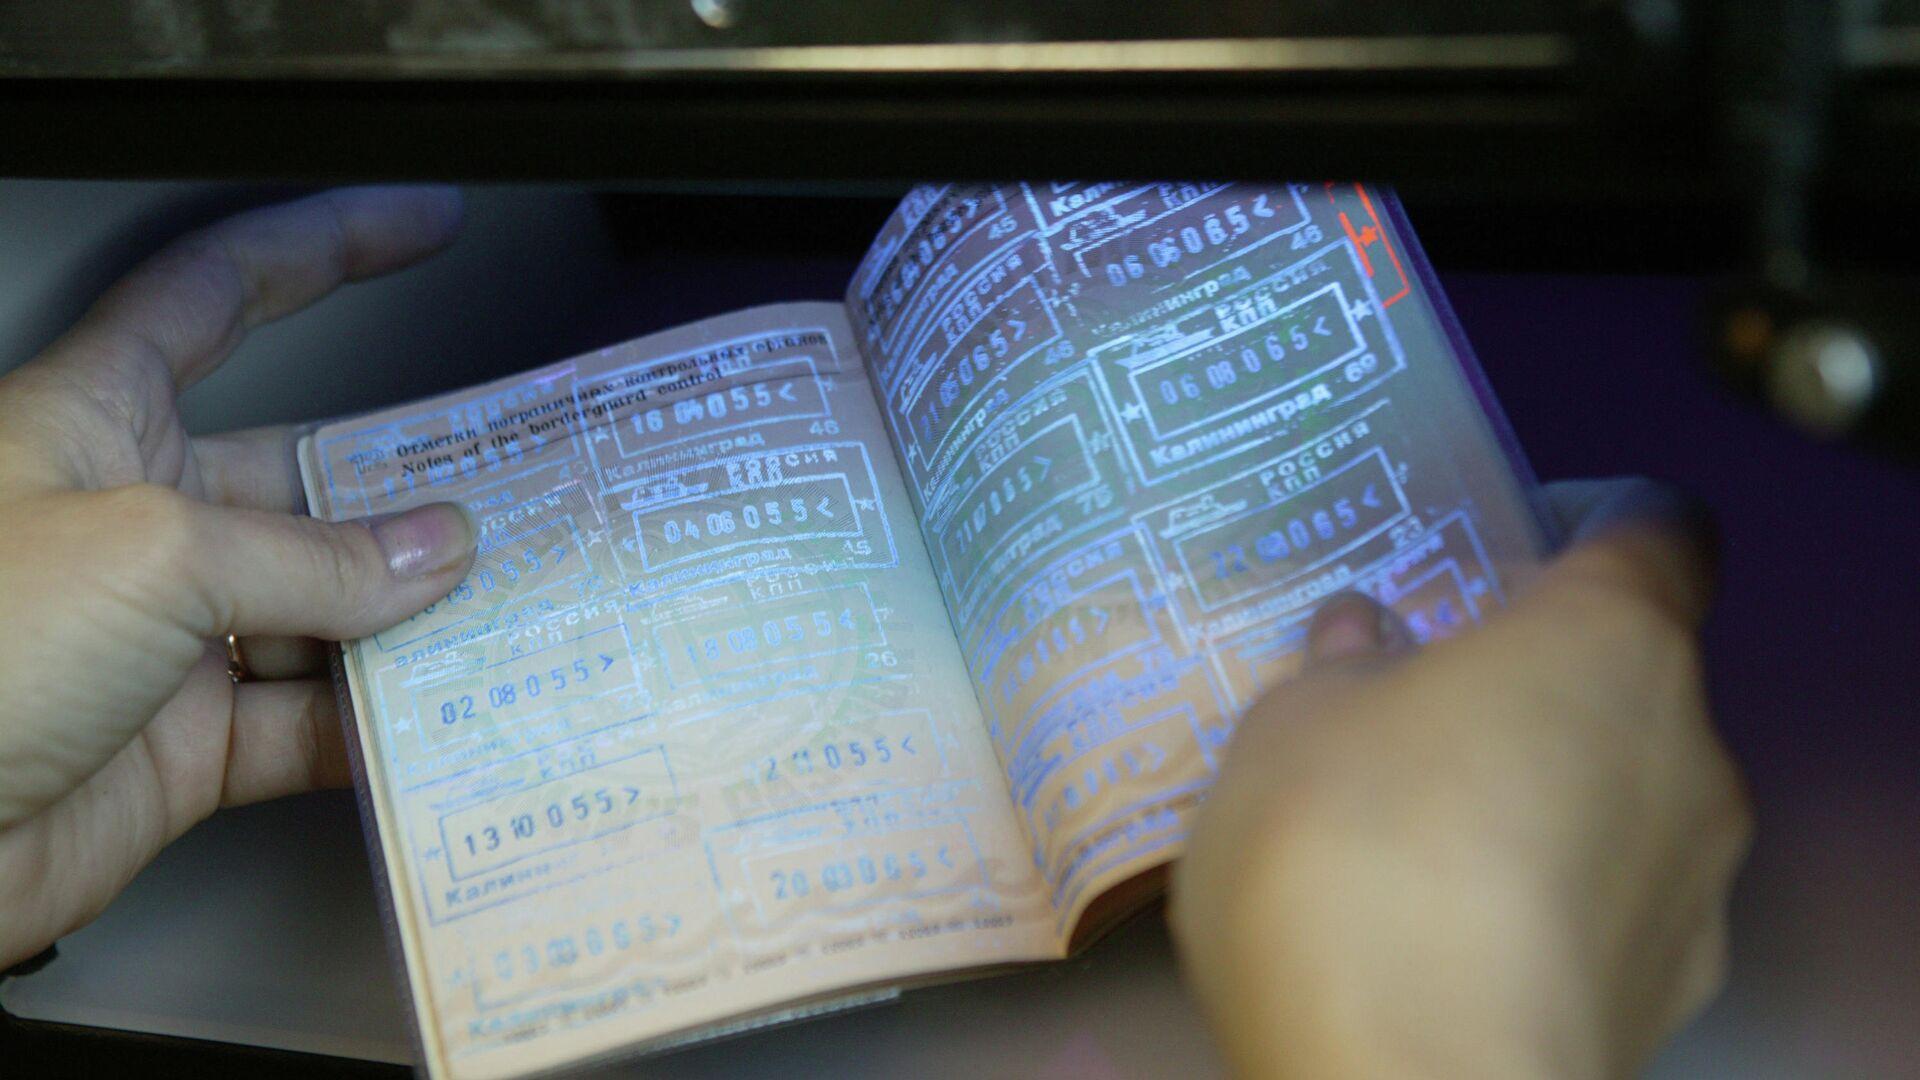 Паспортный контроль на пограничном пункте пропуска в Калининграде - РИА Новости, 1920, 11.03.2021